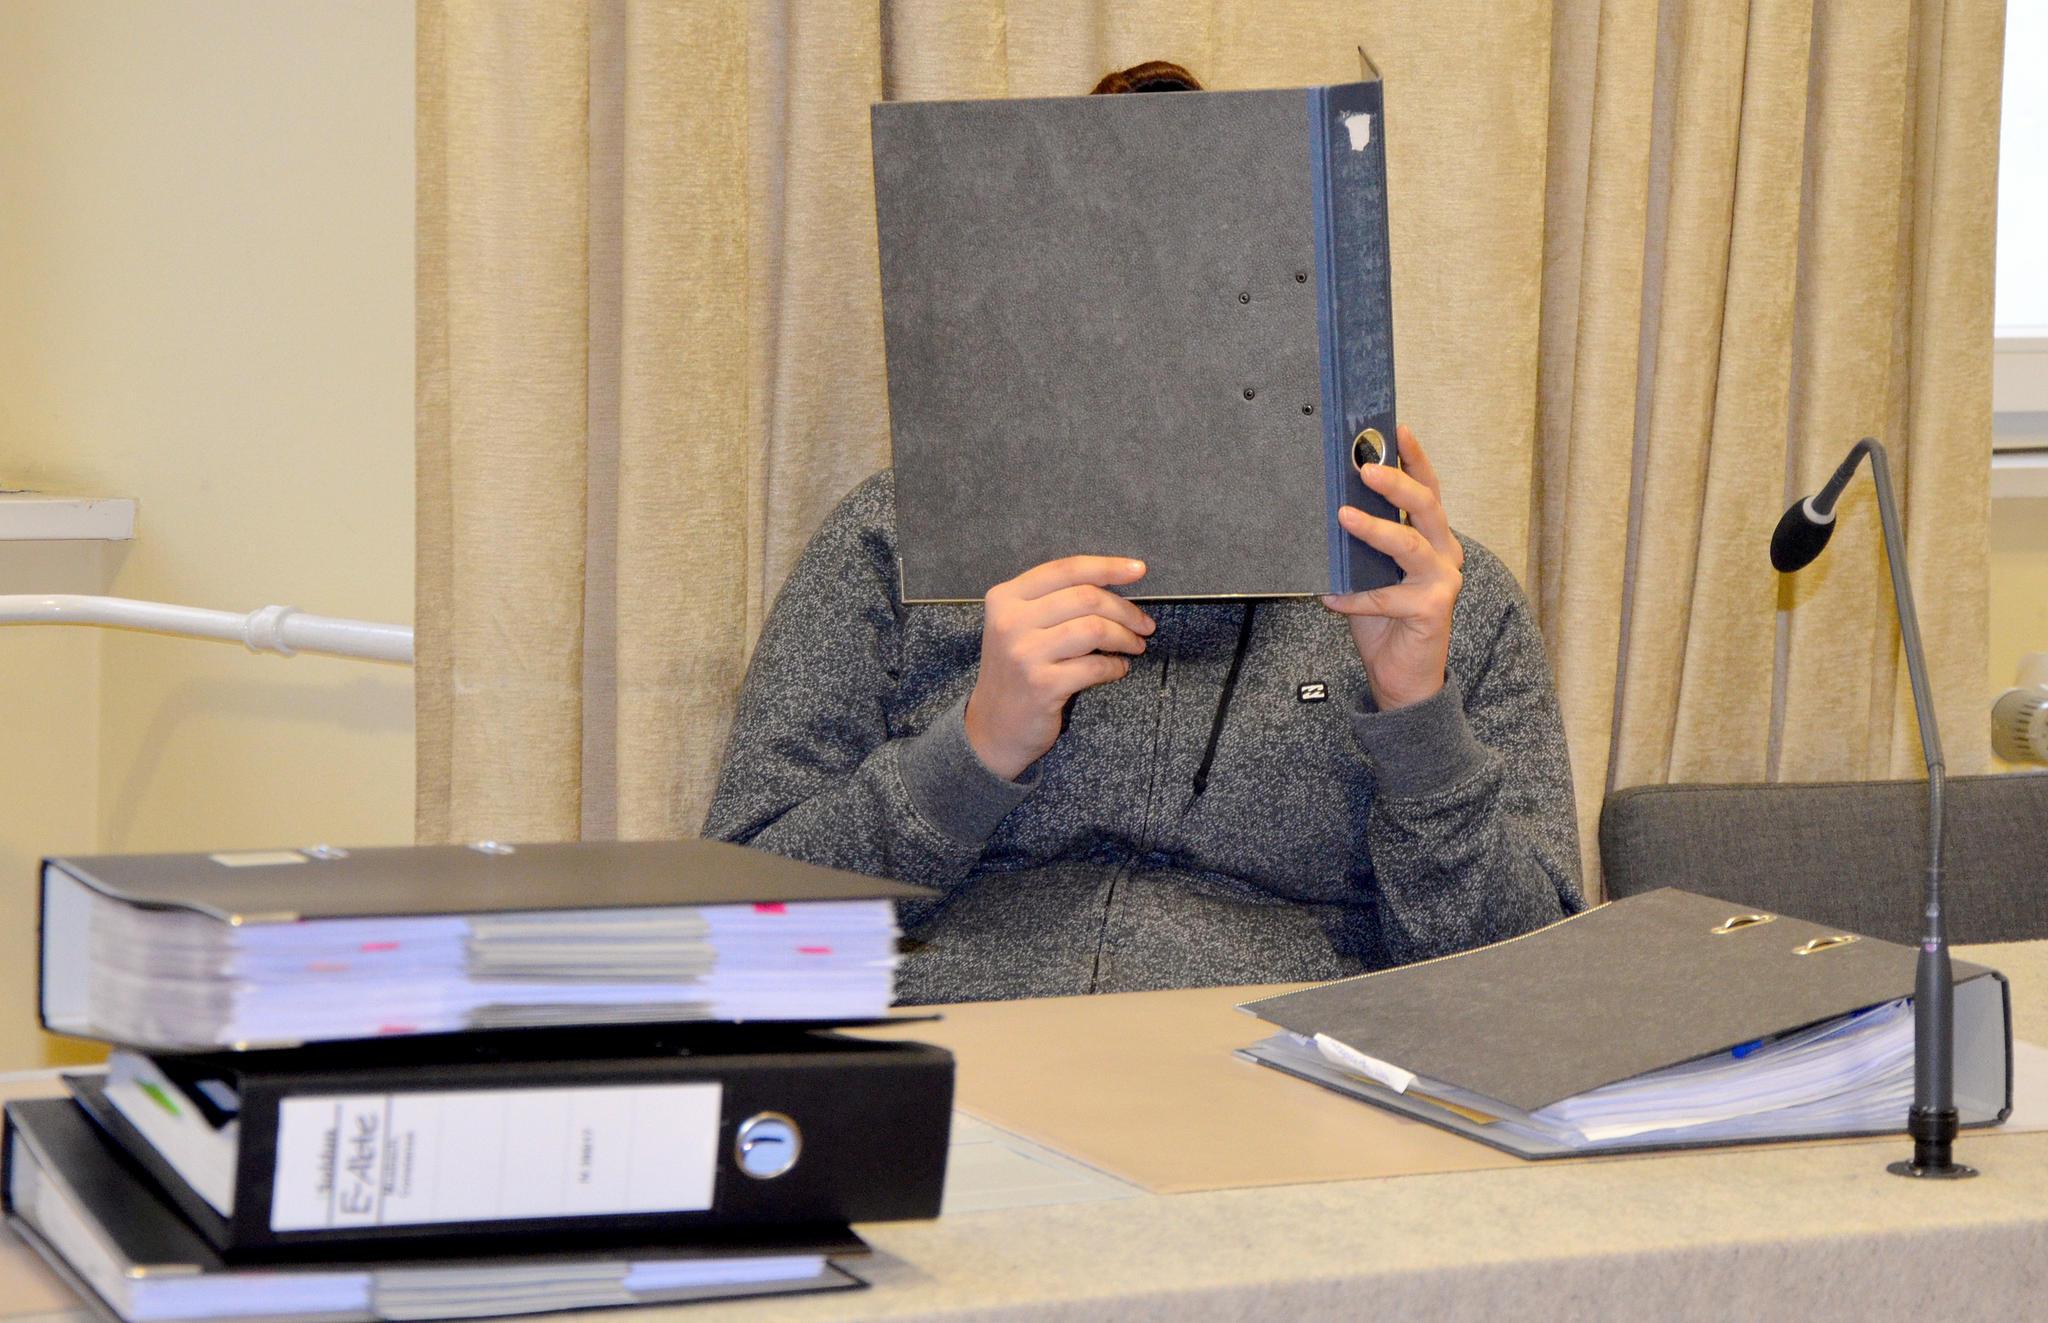 News Ravensburg Baby mit Küchenpapier erstickt 23 Jährige muss